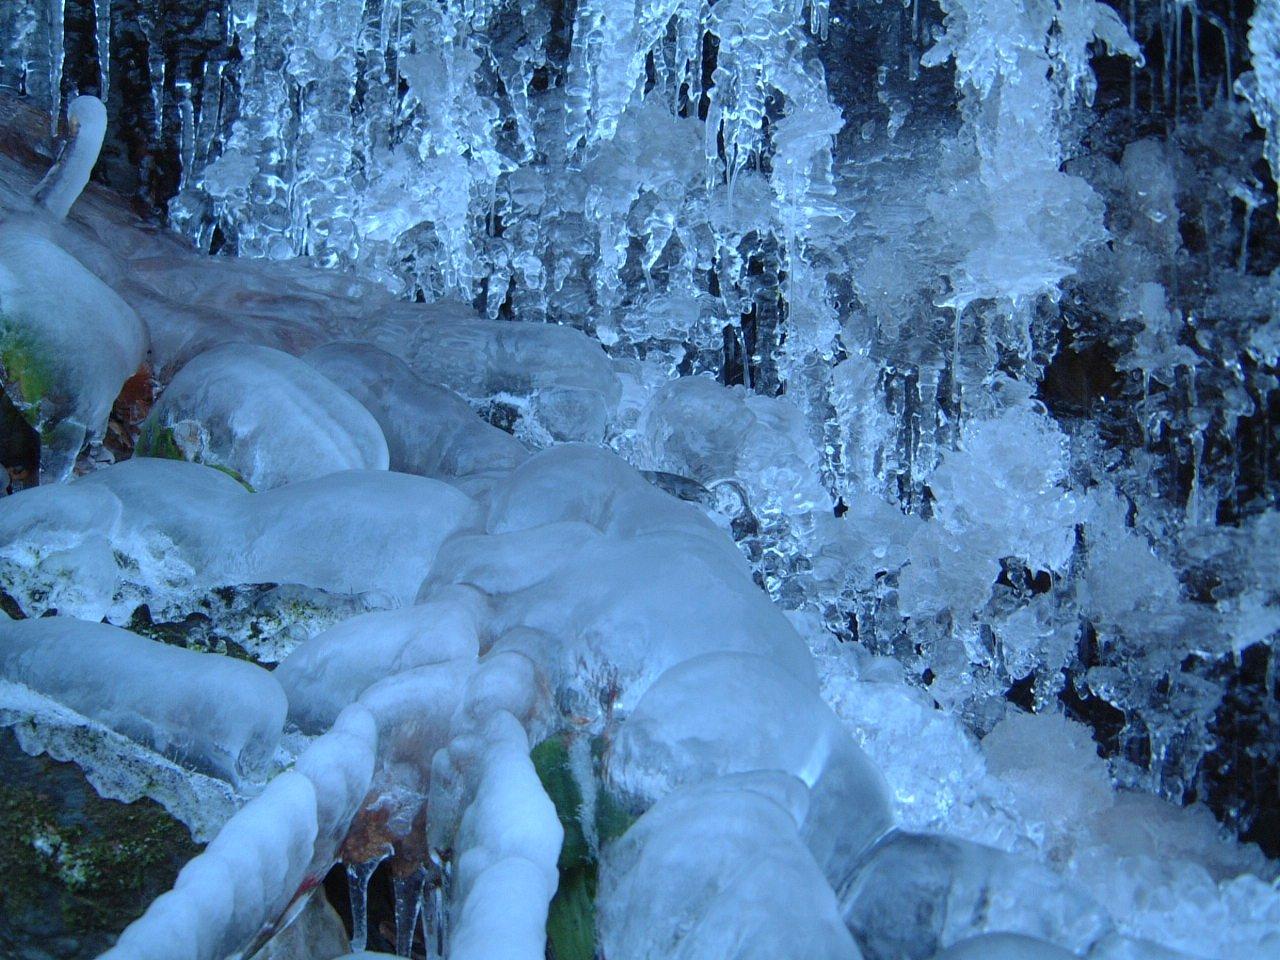 водопад снег лес waterfall snow forest без смс